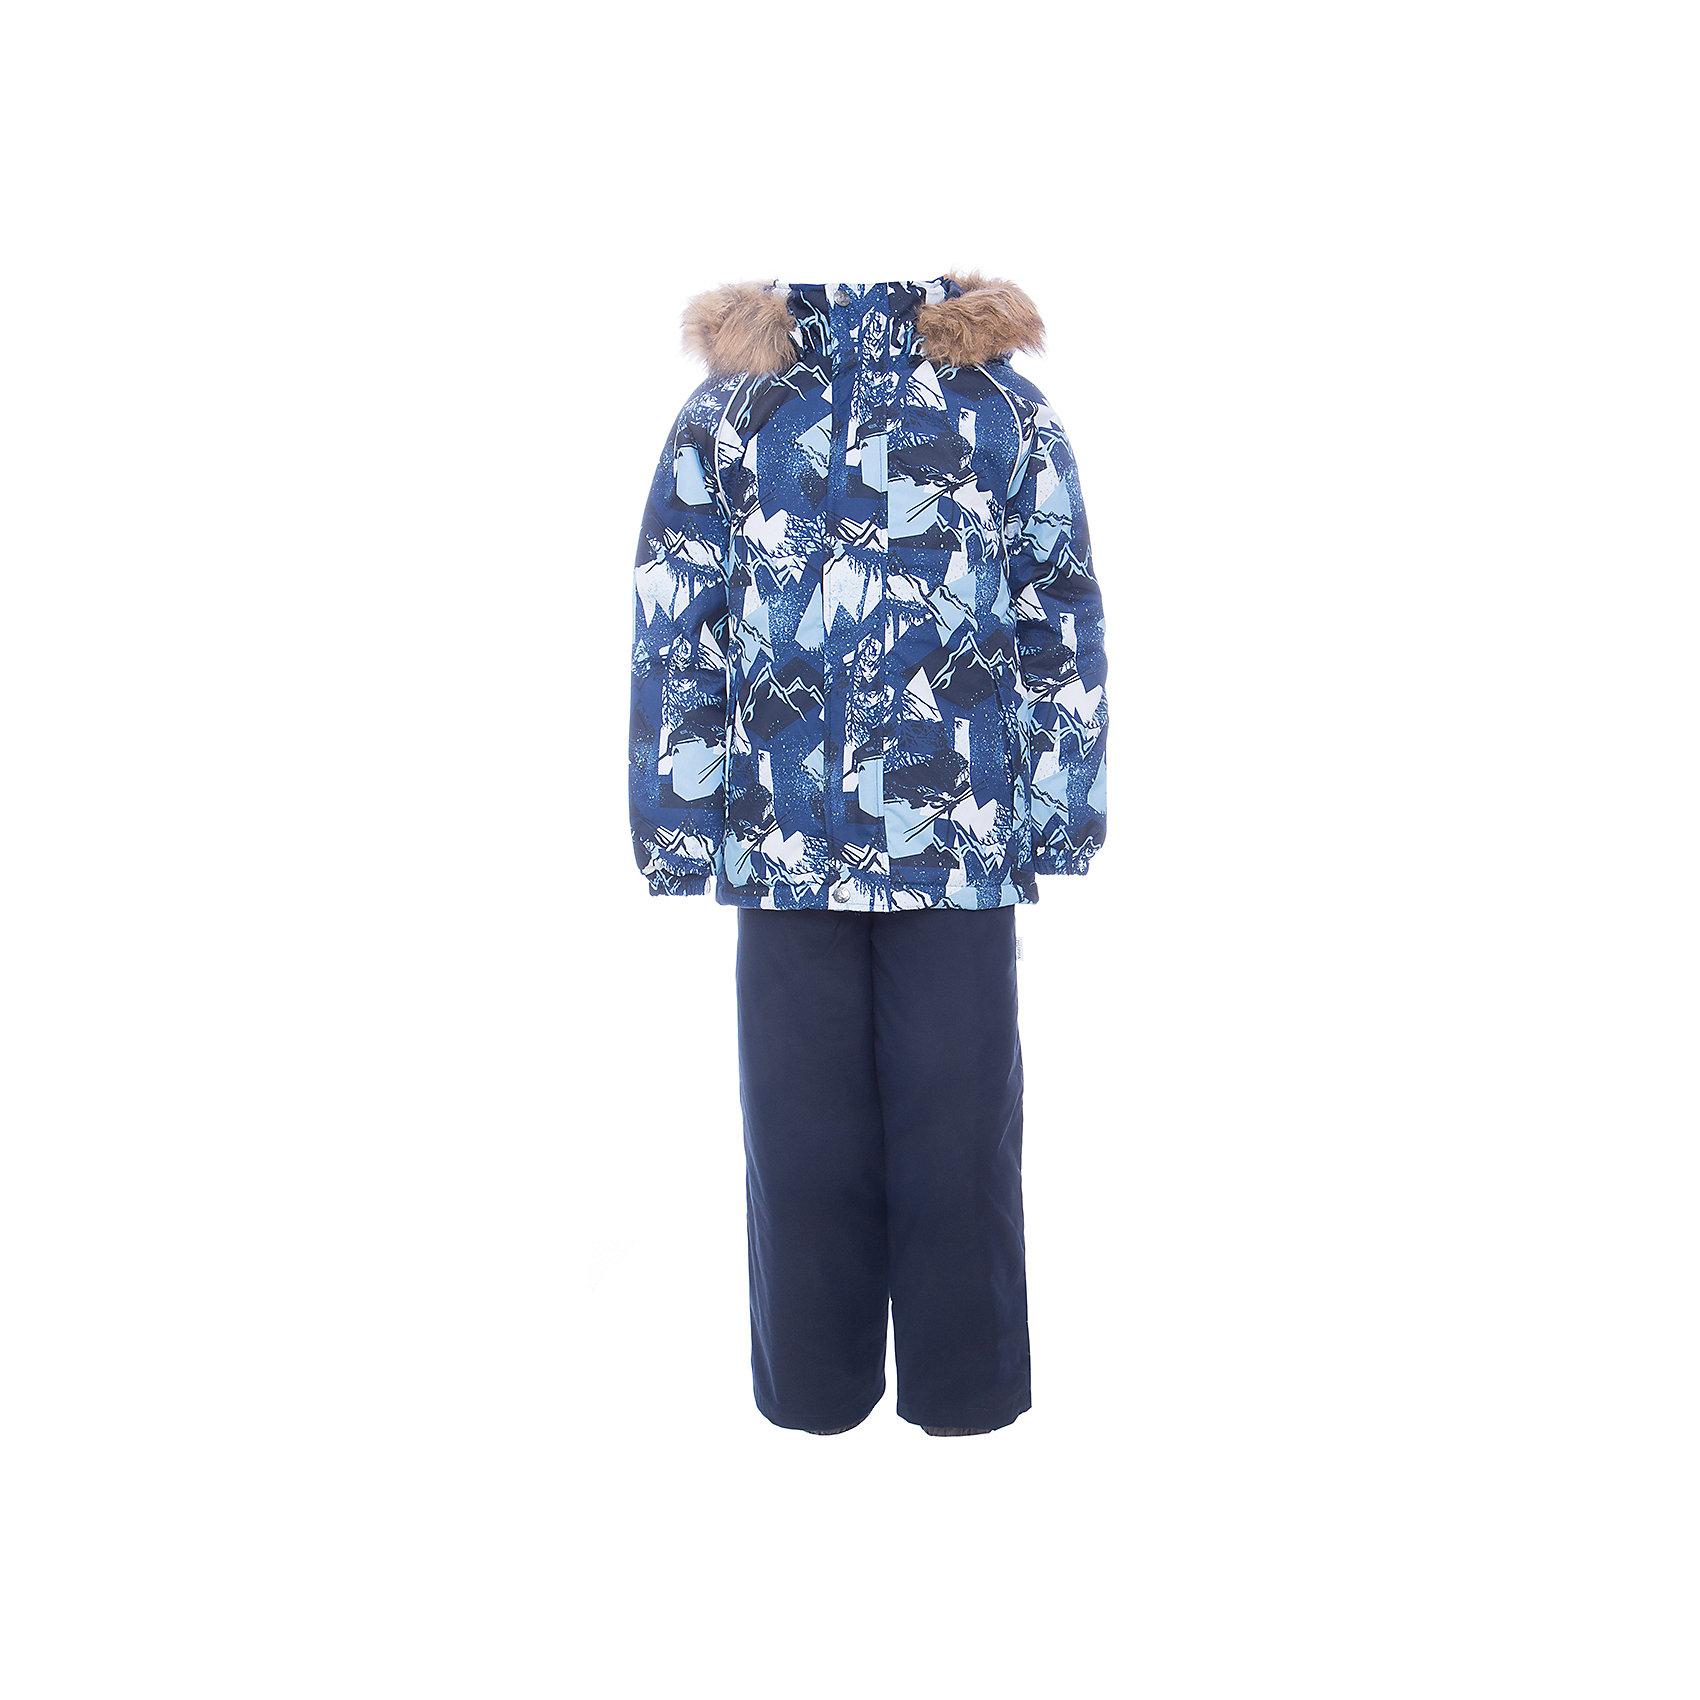 Комплект: куртка и брюки WINTER HuppaВерхняя одежда<br>Детский комплект WINTER .Водо и воздухонепроницаемость 10 000.Утеплитель 300 гр куртка / 160 гр брюки. Подкладка Тафта, флис 100% полиэстер. Швы проклеены. Отстегивающийся капюшон . Манжет рукавов на резинке. Внутренняя снегозащита брюк. Регулируемые низы. Резиновые подтяжки. Имеются светоотражательные детали. <br>Состав:<br>100% Полиэстер<br><br>Ширина мм: 356<br>Глубина мм: 10<br>Высота мм: 245<br>Вес г: 519<br>Цвет: синий/белый<br>Возраст от месяцев: 18<br>Возраст до месяцев: 24<br>Пол: Унисекс<br>Возраст: Детский<br>Размер: 92,98,104,110,116,122,128,134,140<br>SKU: 7027168